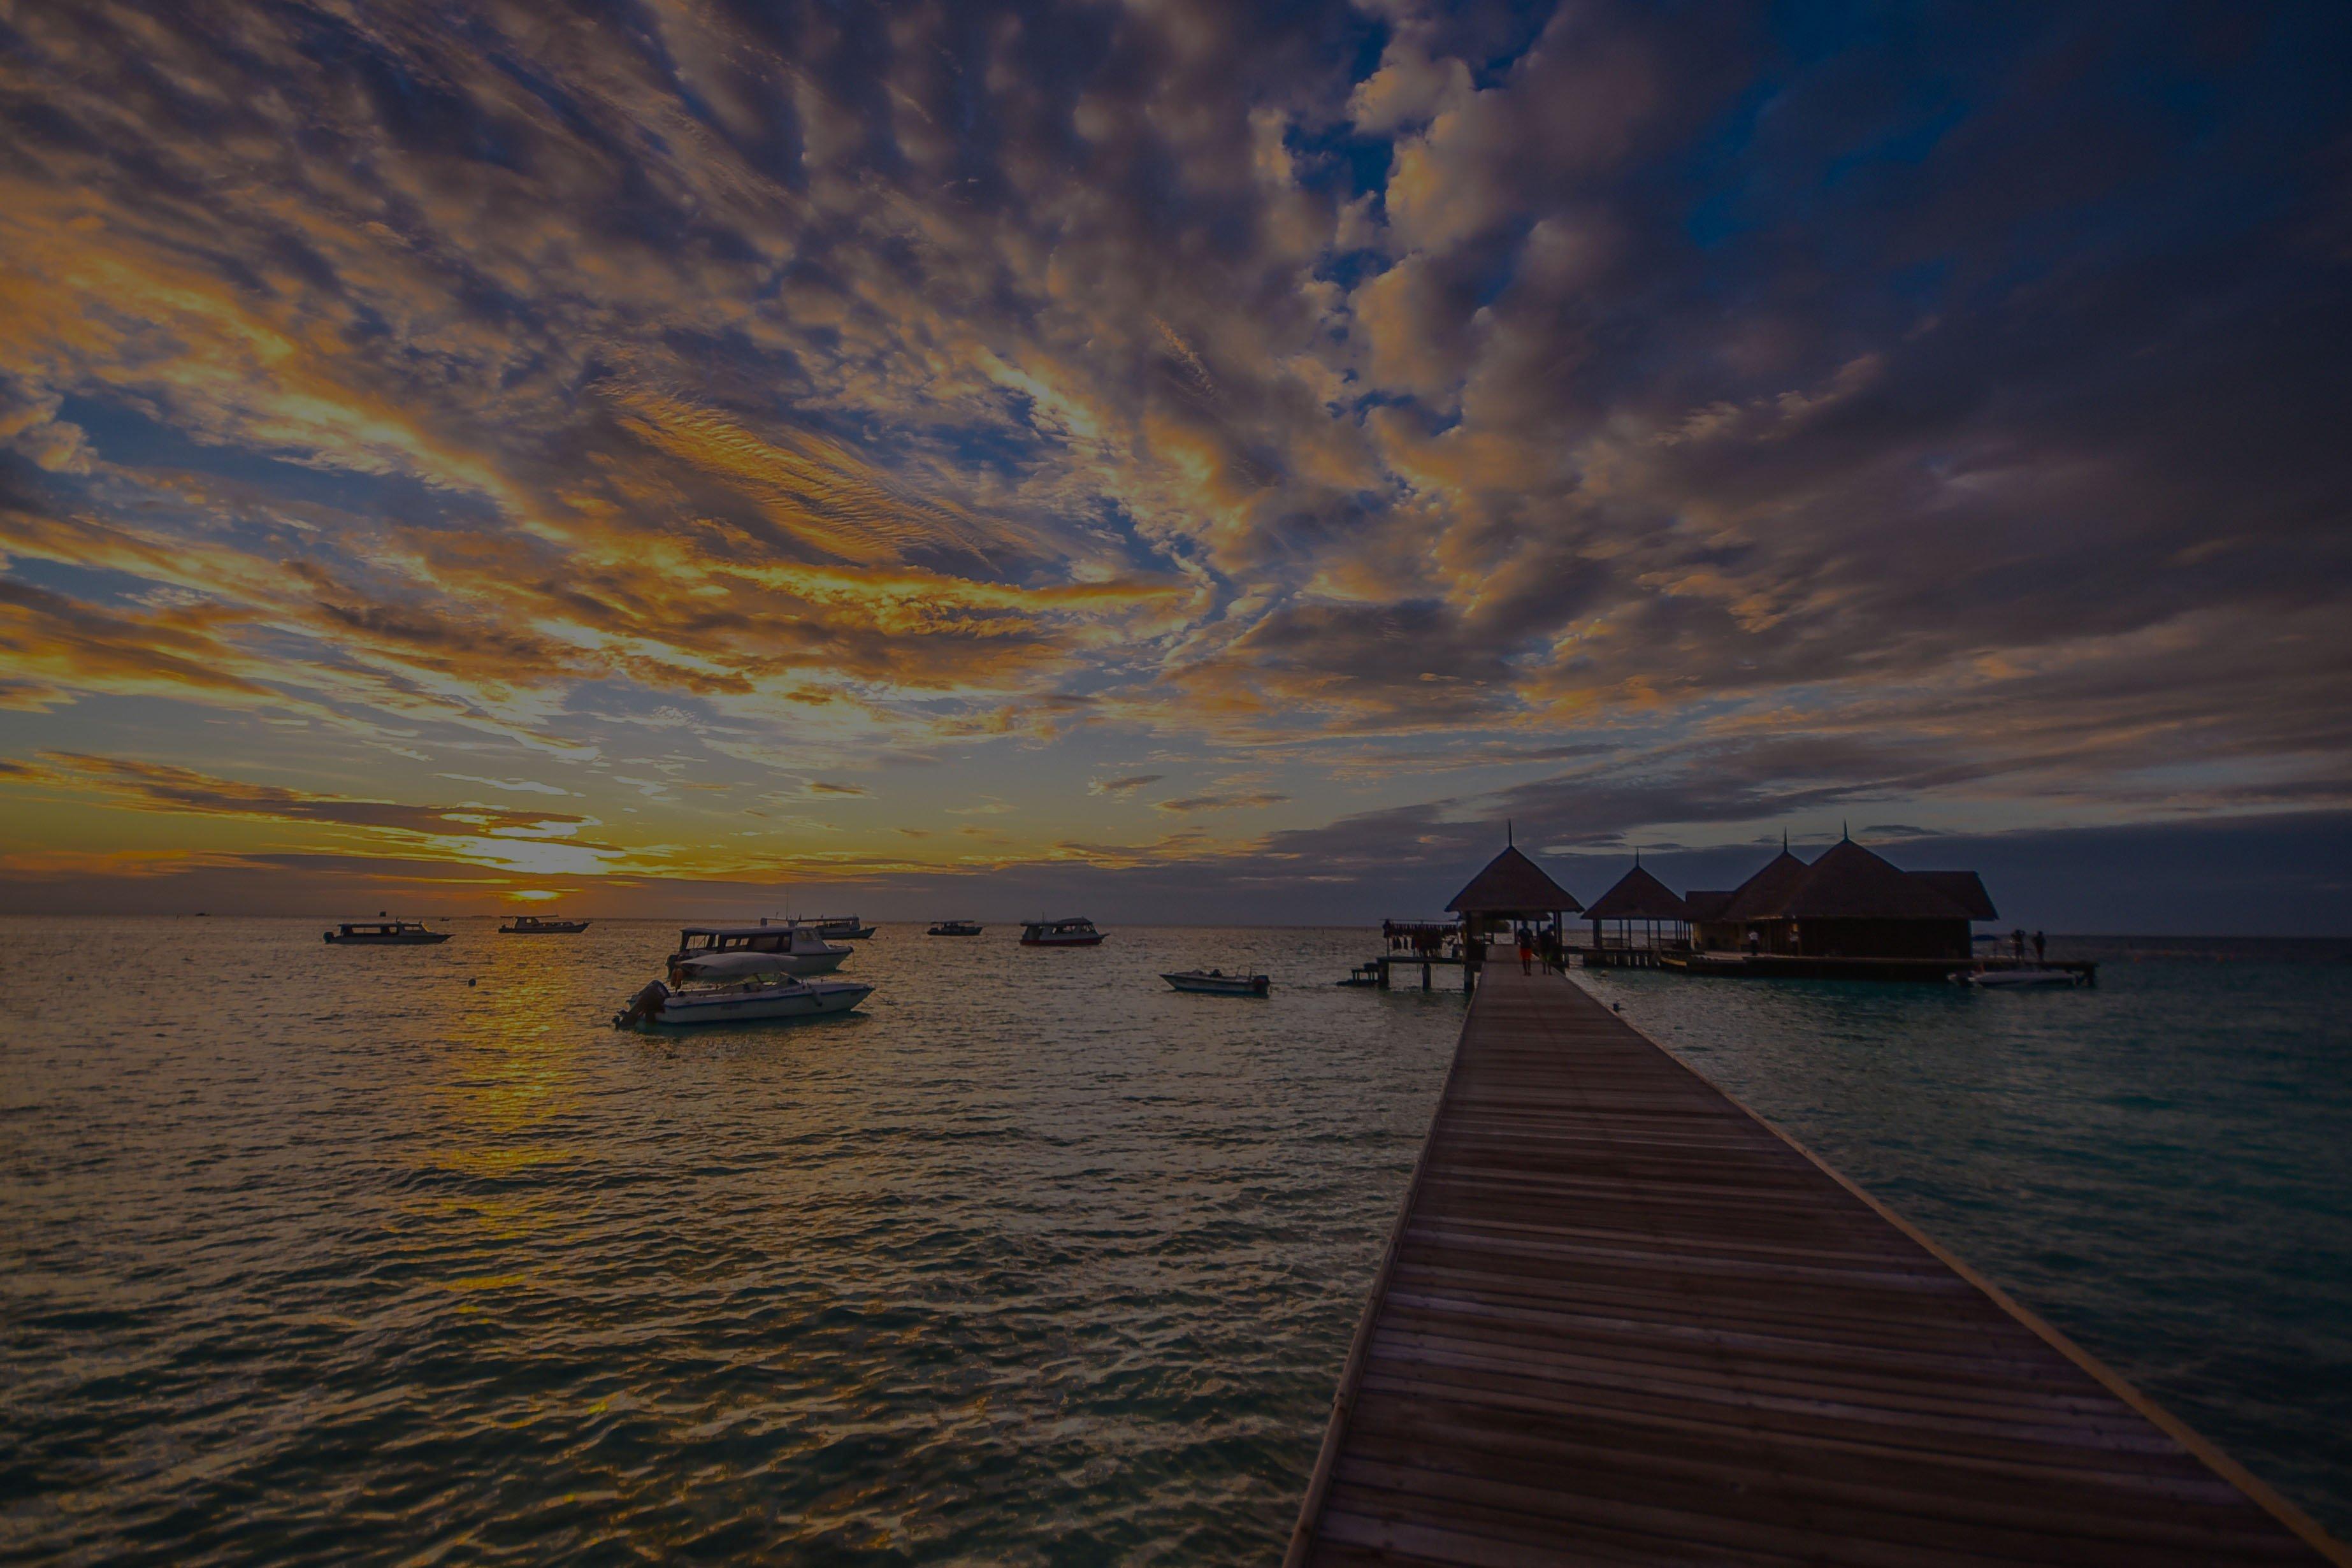 boats-clouds-dawn-1450393